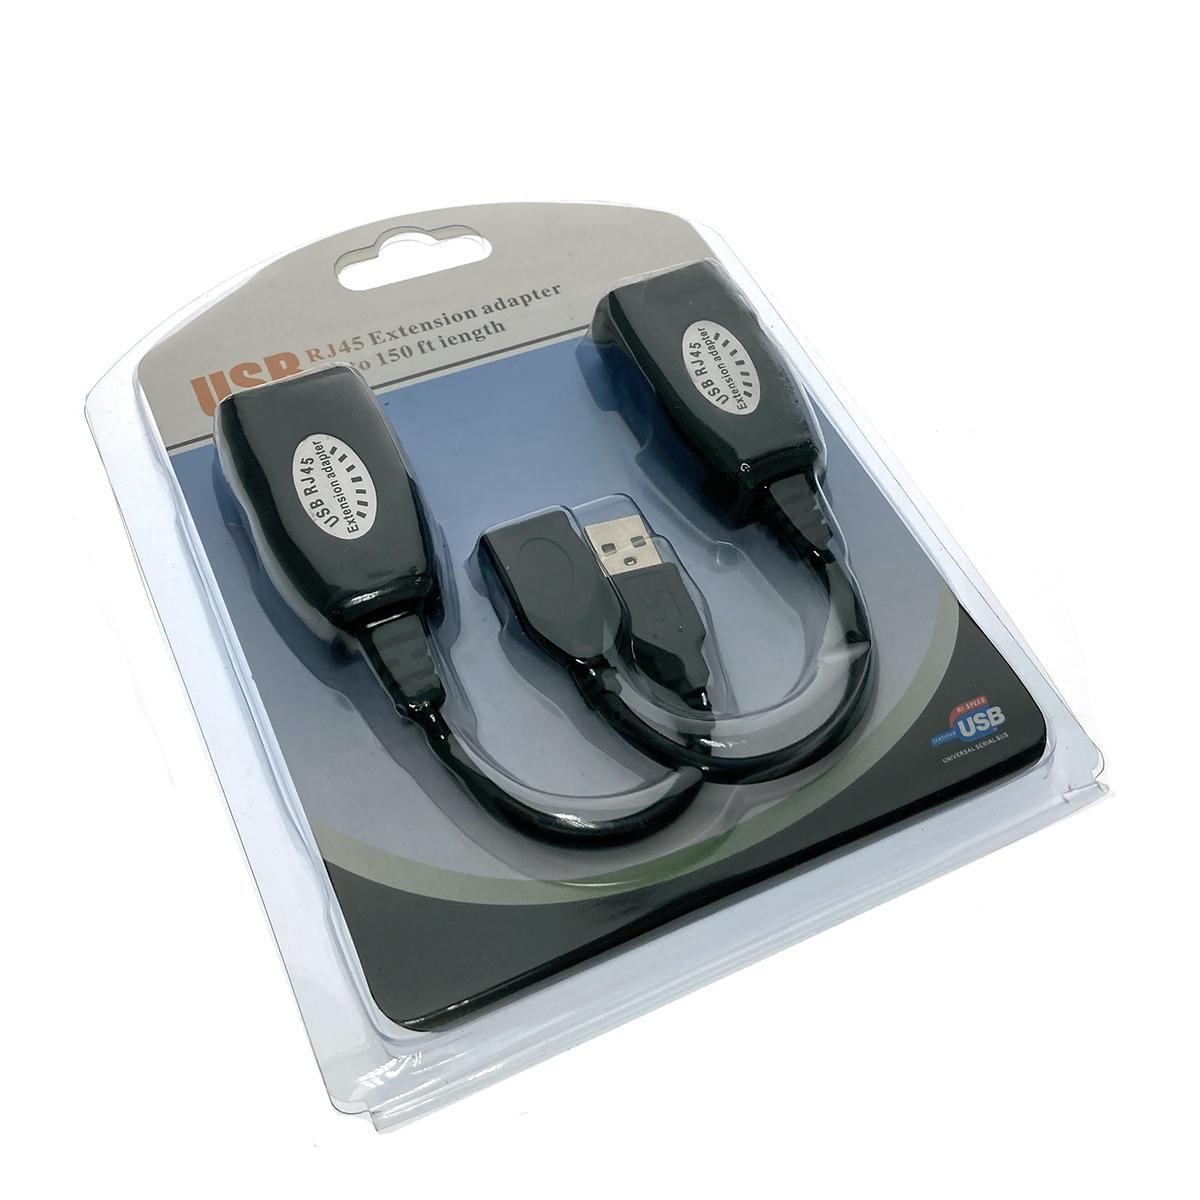 USB 2.0 удлинитель по витой паре/RJ45 до 30м Espada модель: EUSBExt30mVitP